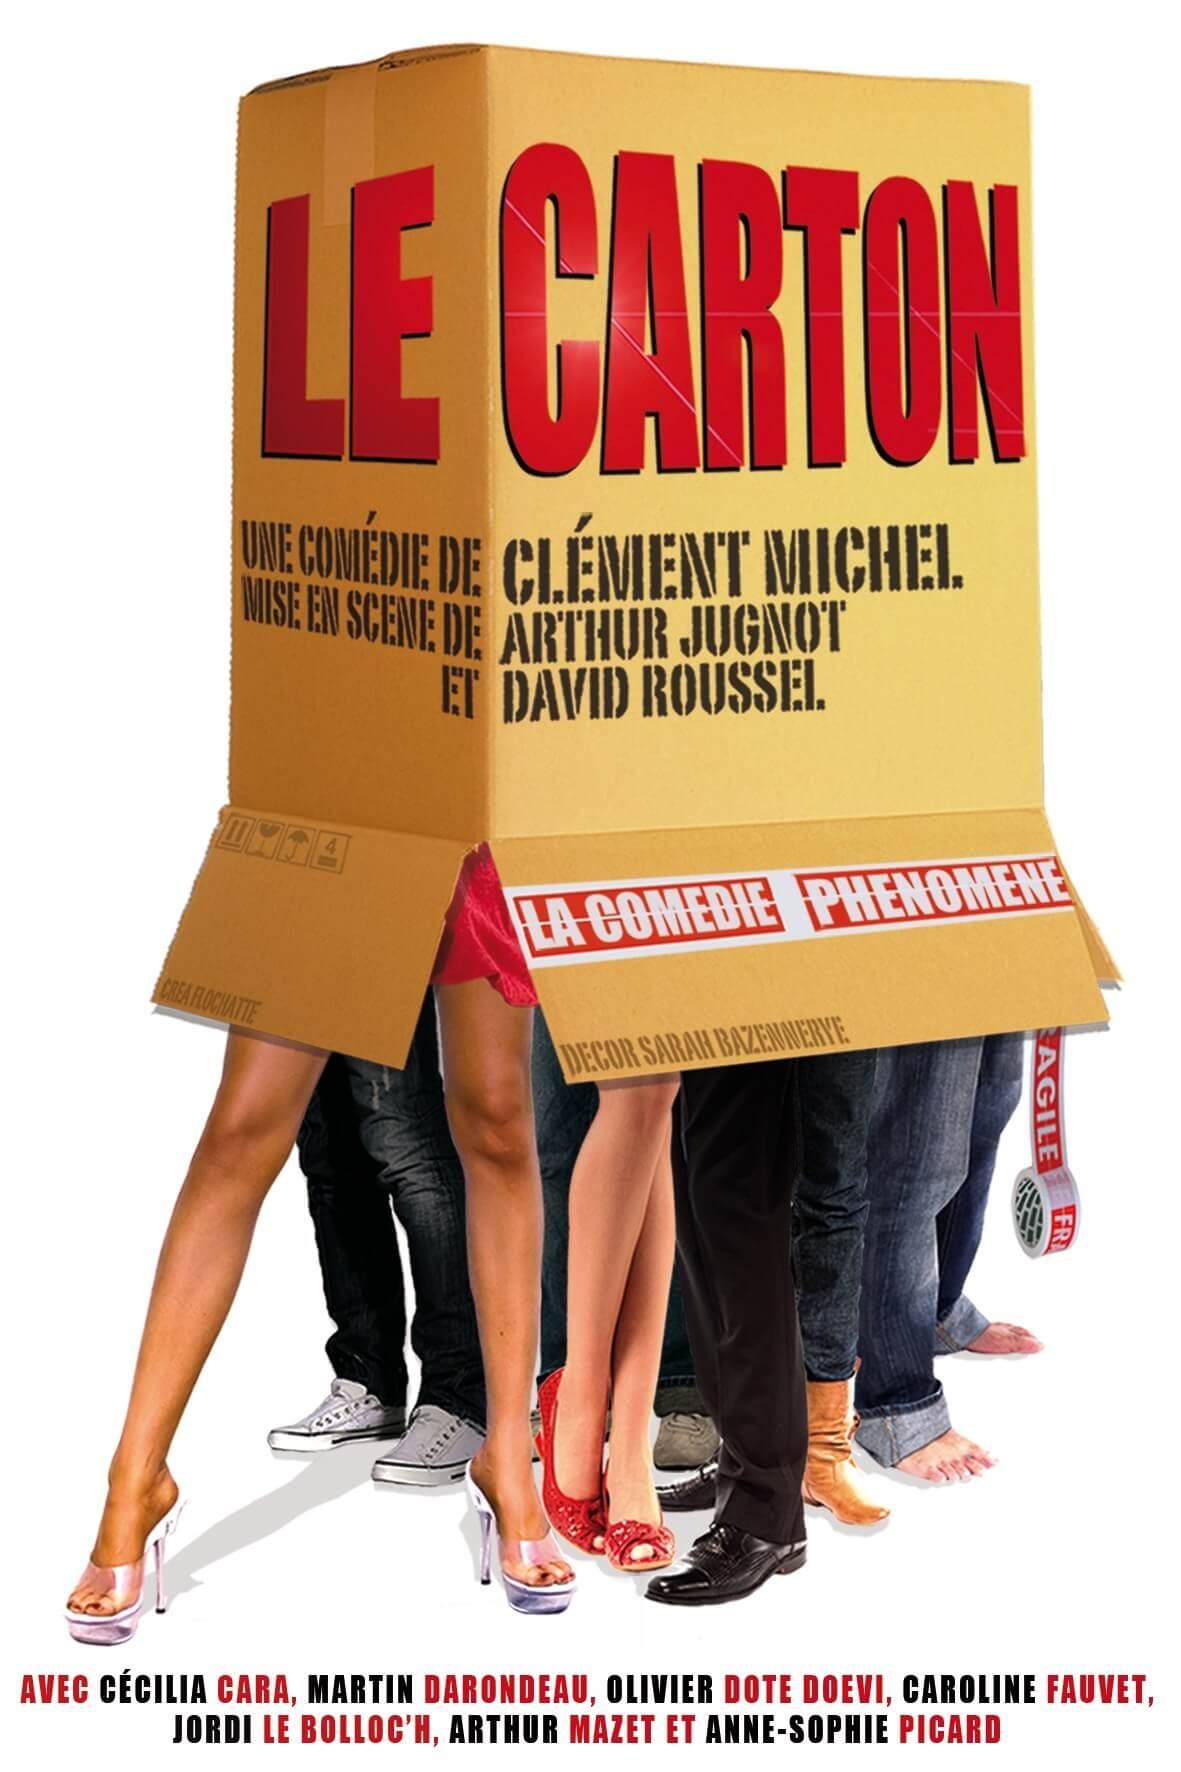 Le Carton de Clément Michel